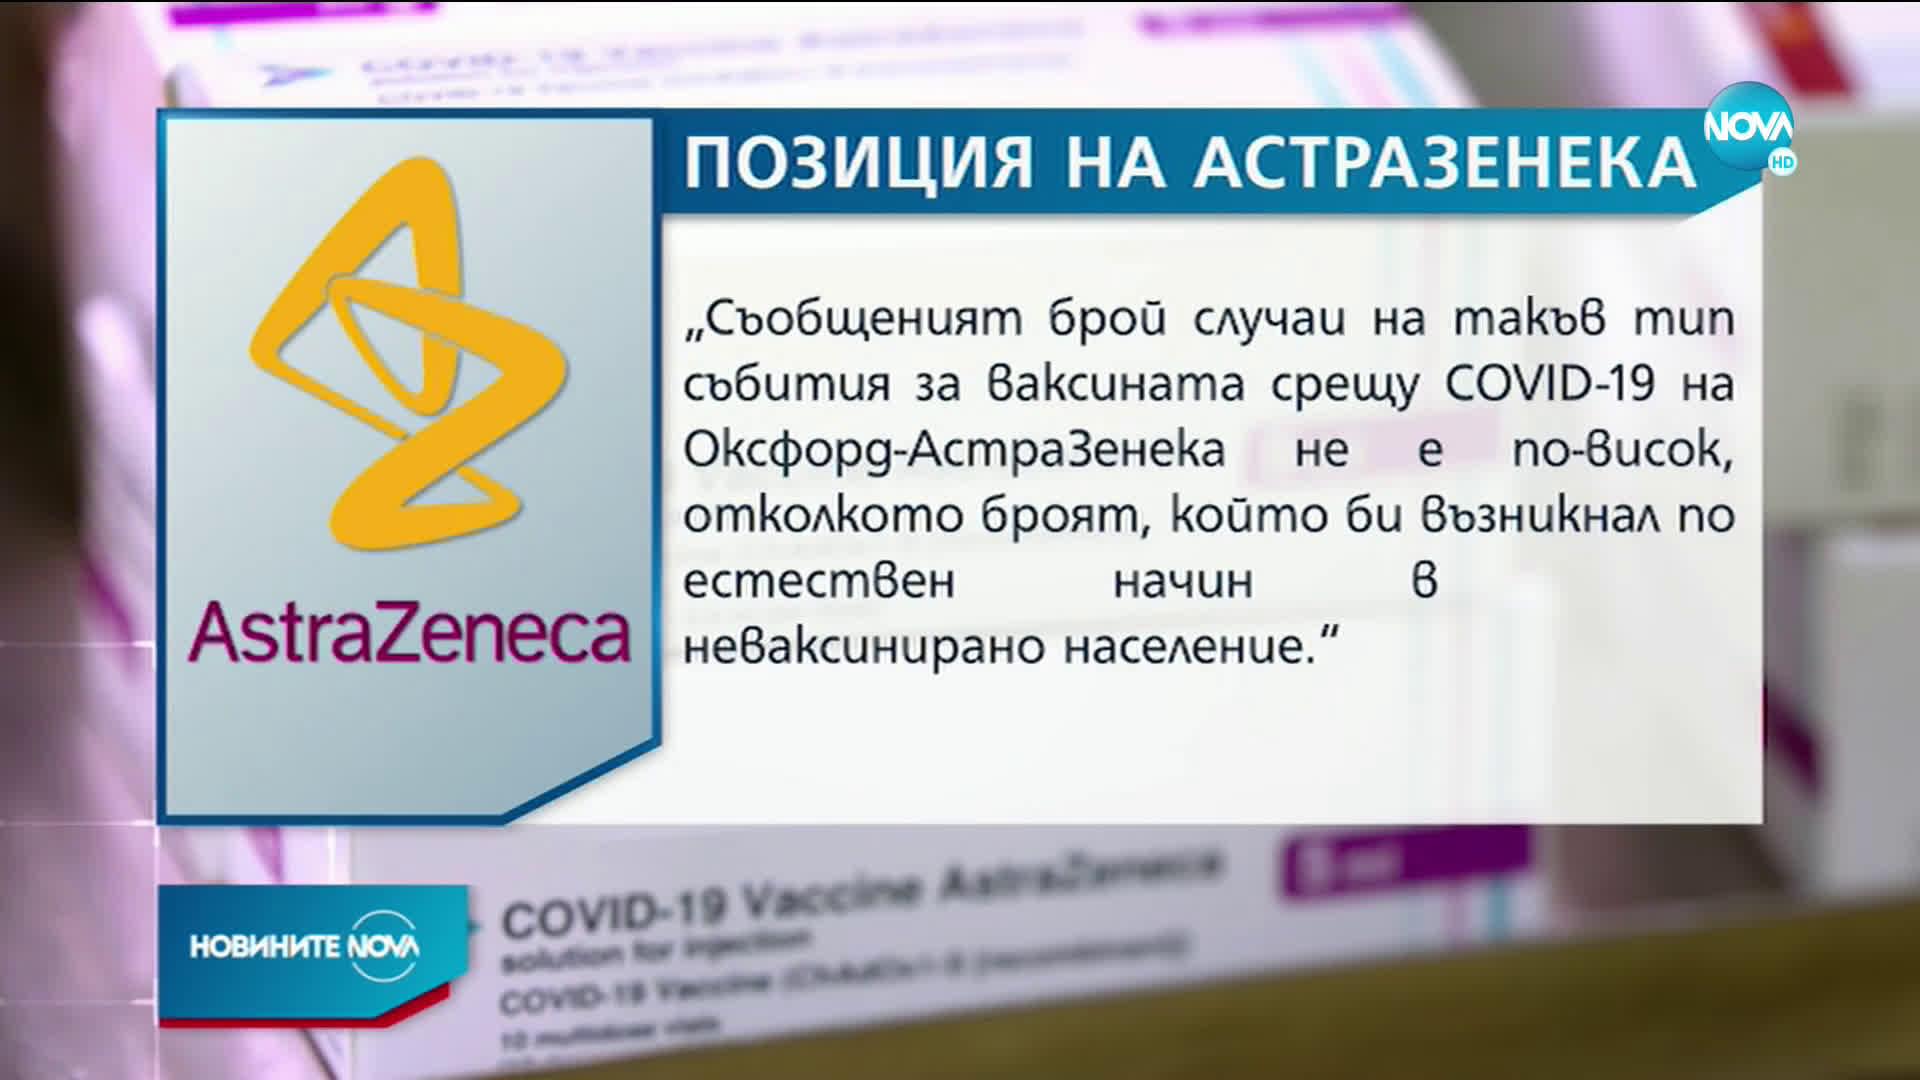 AstraZeneca: Ваксината ни не показва повишен риск от белодробна тромбемболия